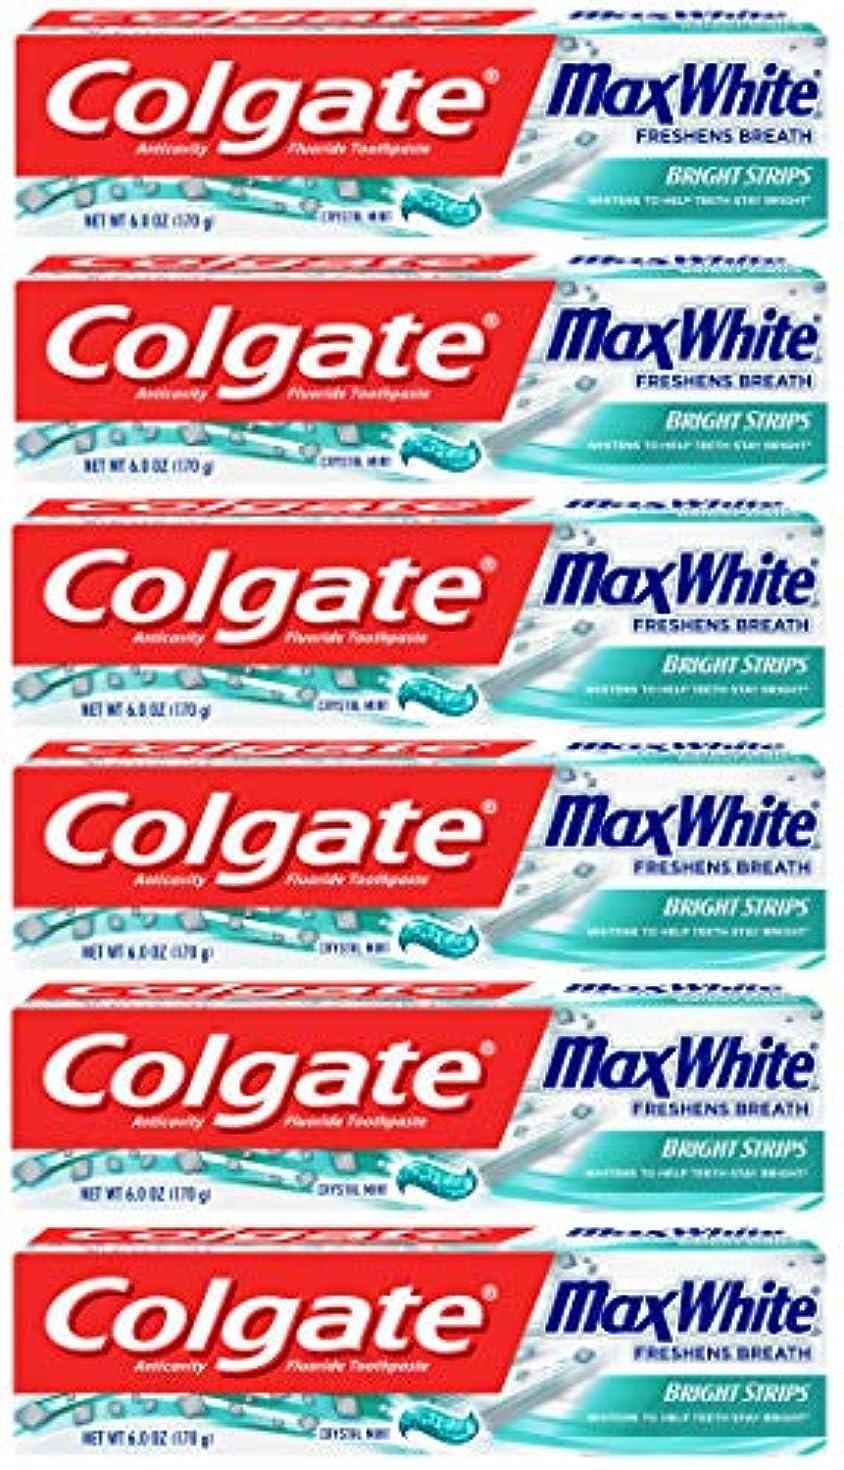 思い出させる精算泥棒Colgate 明るいストリップでマックスホワイトホワイトニングの歯磨き粉、ミント - 6オンス(6パック)